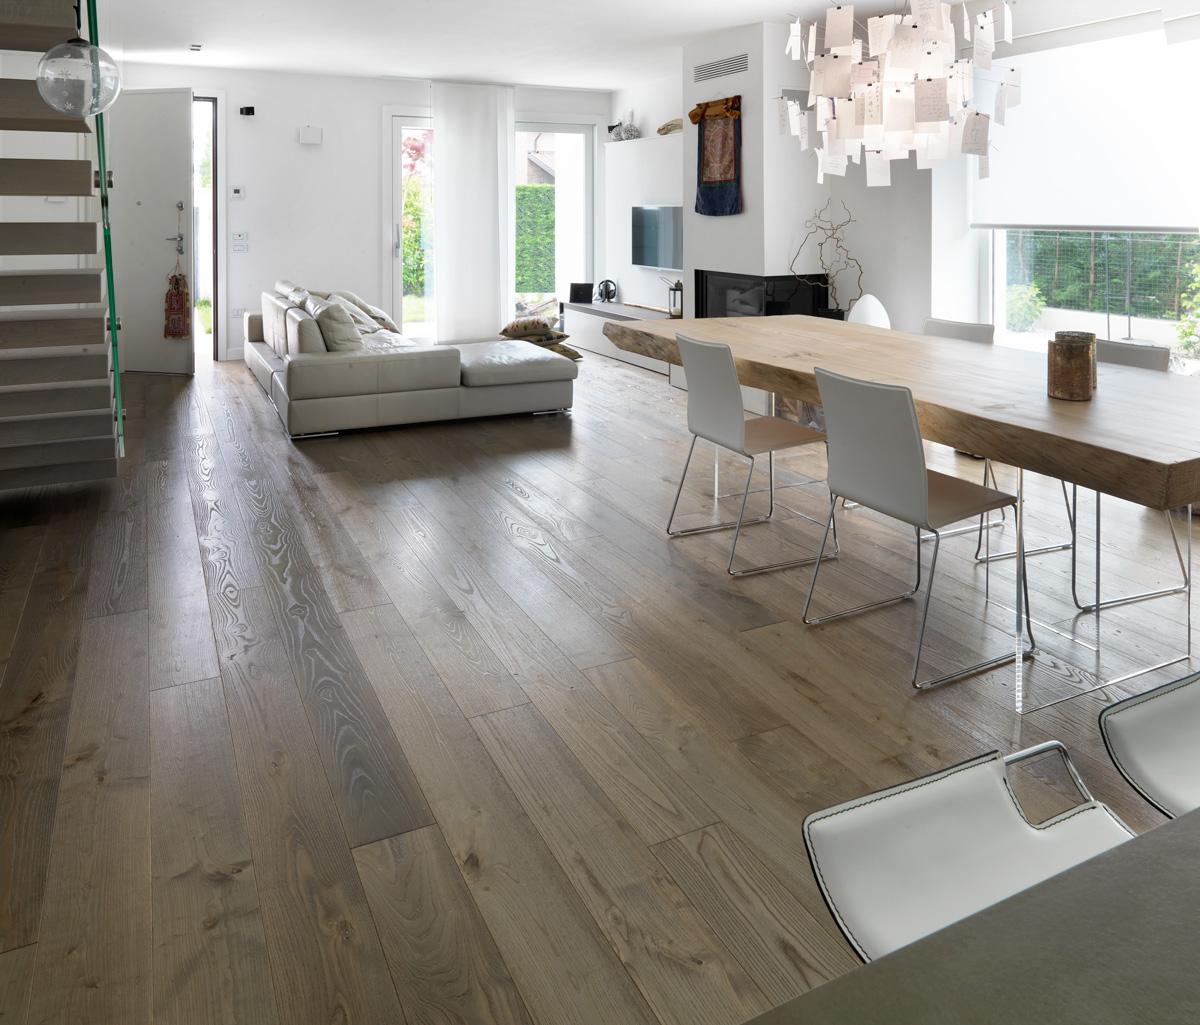 Idee parquet zona living: parquet in cucina e in soggiorno ...